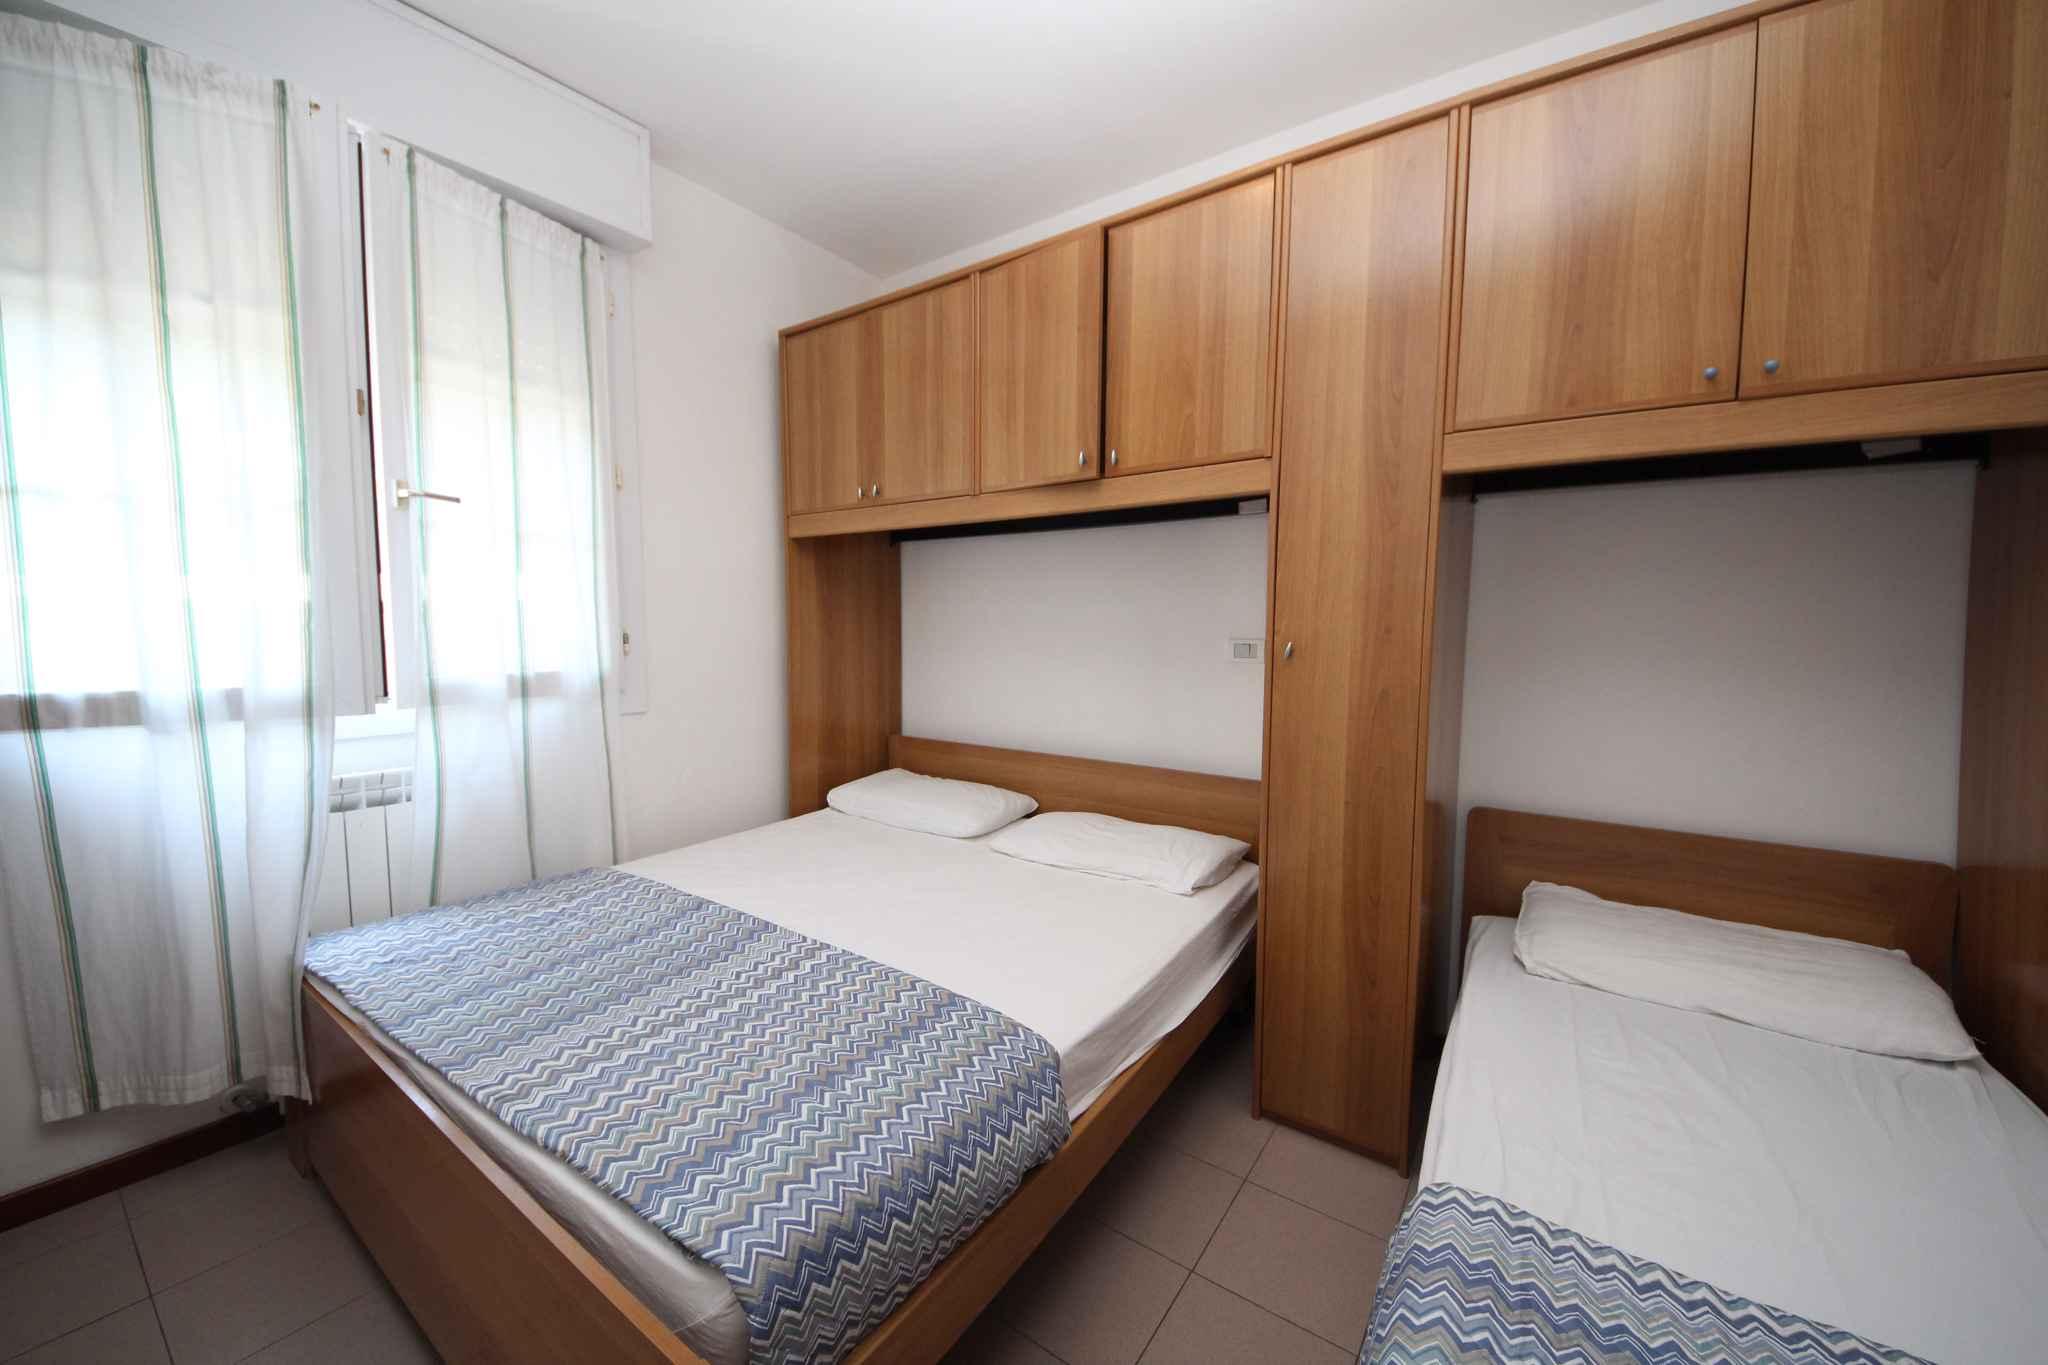 Ferienwohnung con terrazza o balcone (284301), Rosolina Mare, Rovigo, Venetien, Italien, Bild 21